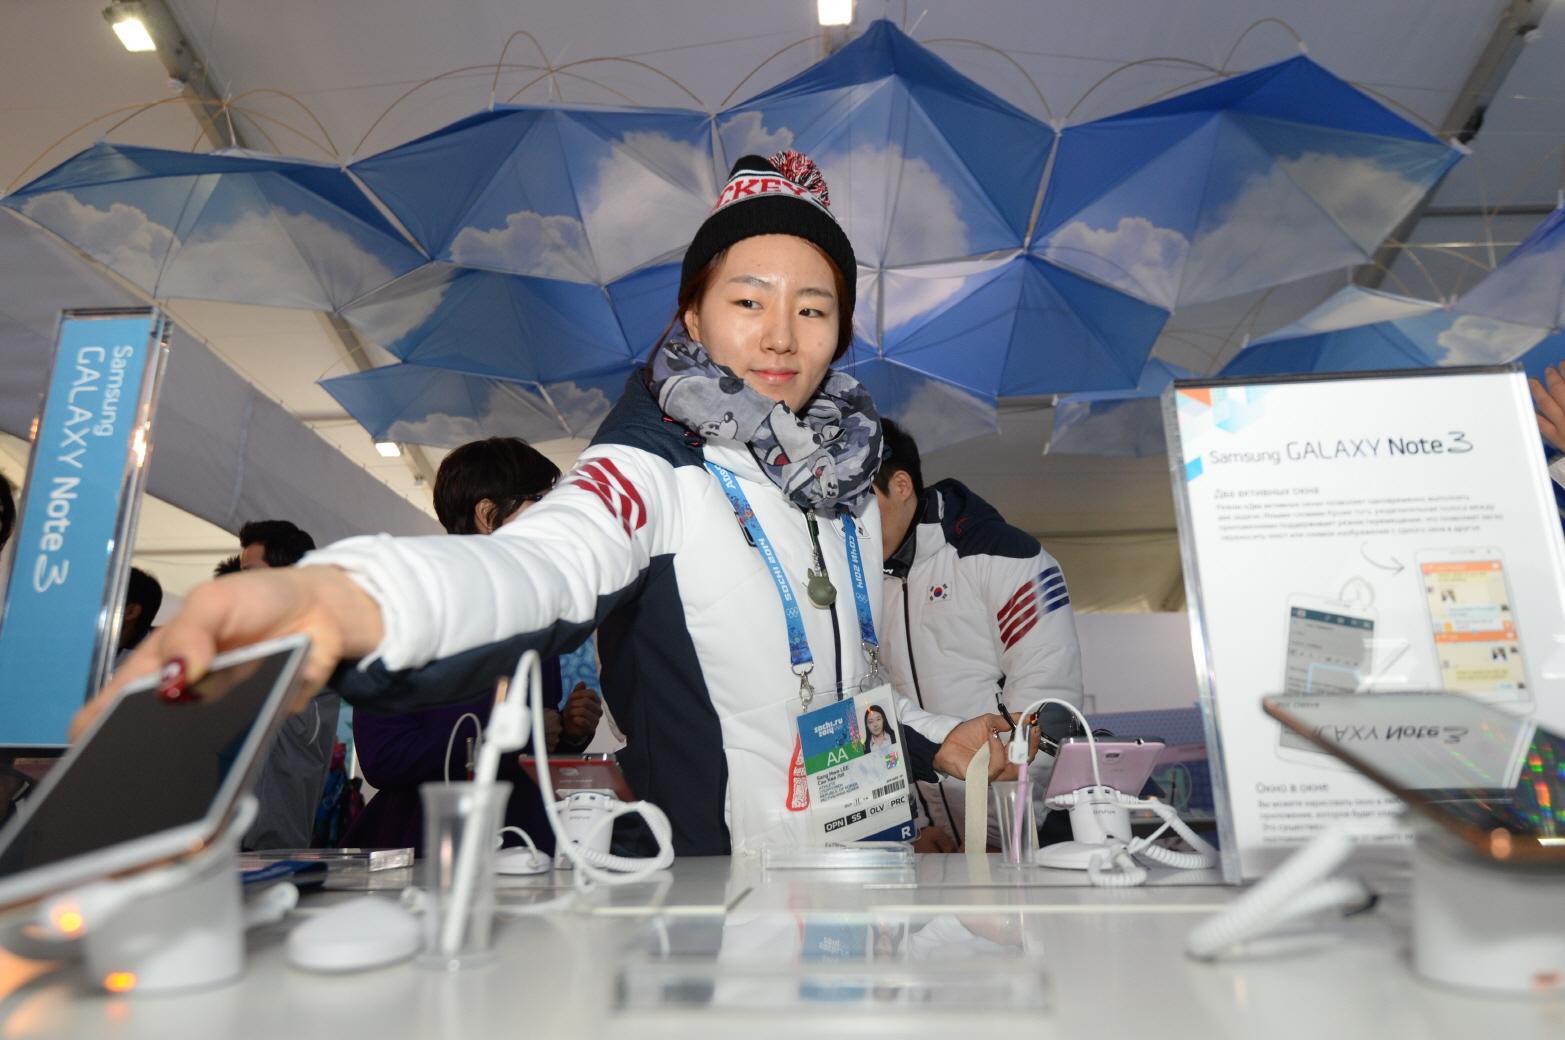 삼성전자가 5일(현지시간) 러시아 소치 올림픽 파크에서 열린 '갤럭시 올림픽 파크 스튜디오'를 개관했다. 이날 올림픽 선수촌에 입촌한 한국 대표팀도 갤럭시 스튜디오를 방문했다.